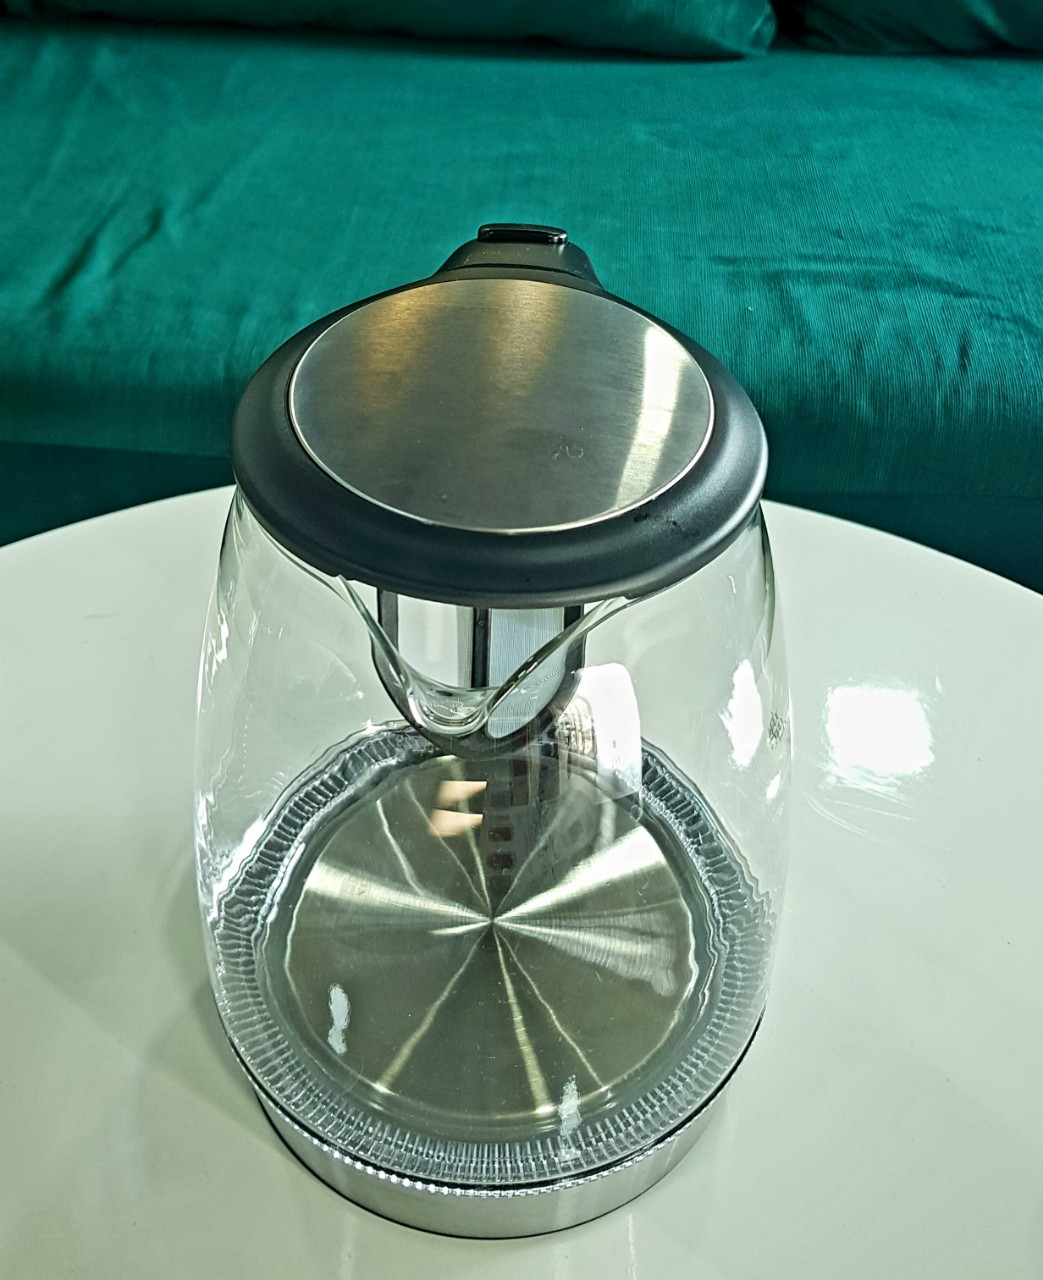 Ấm đun nước, bình đun siêu tốc thủy tinh 1.7L